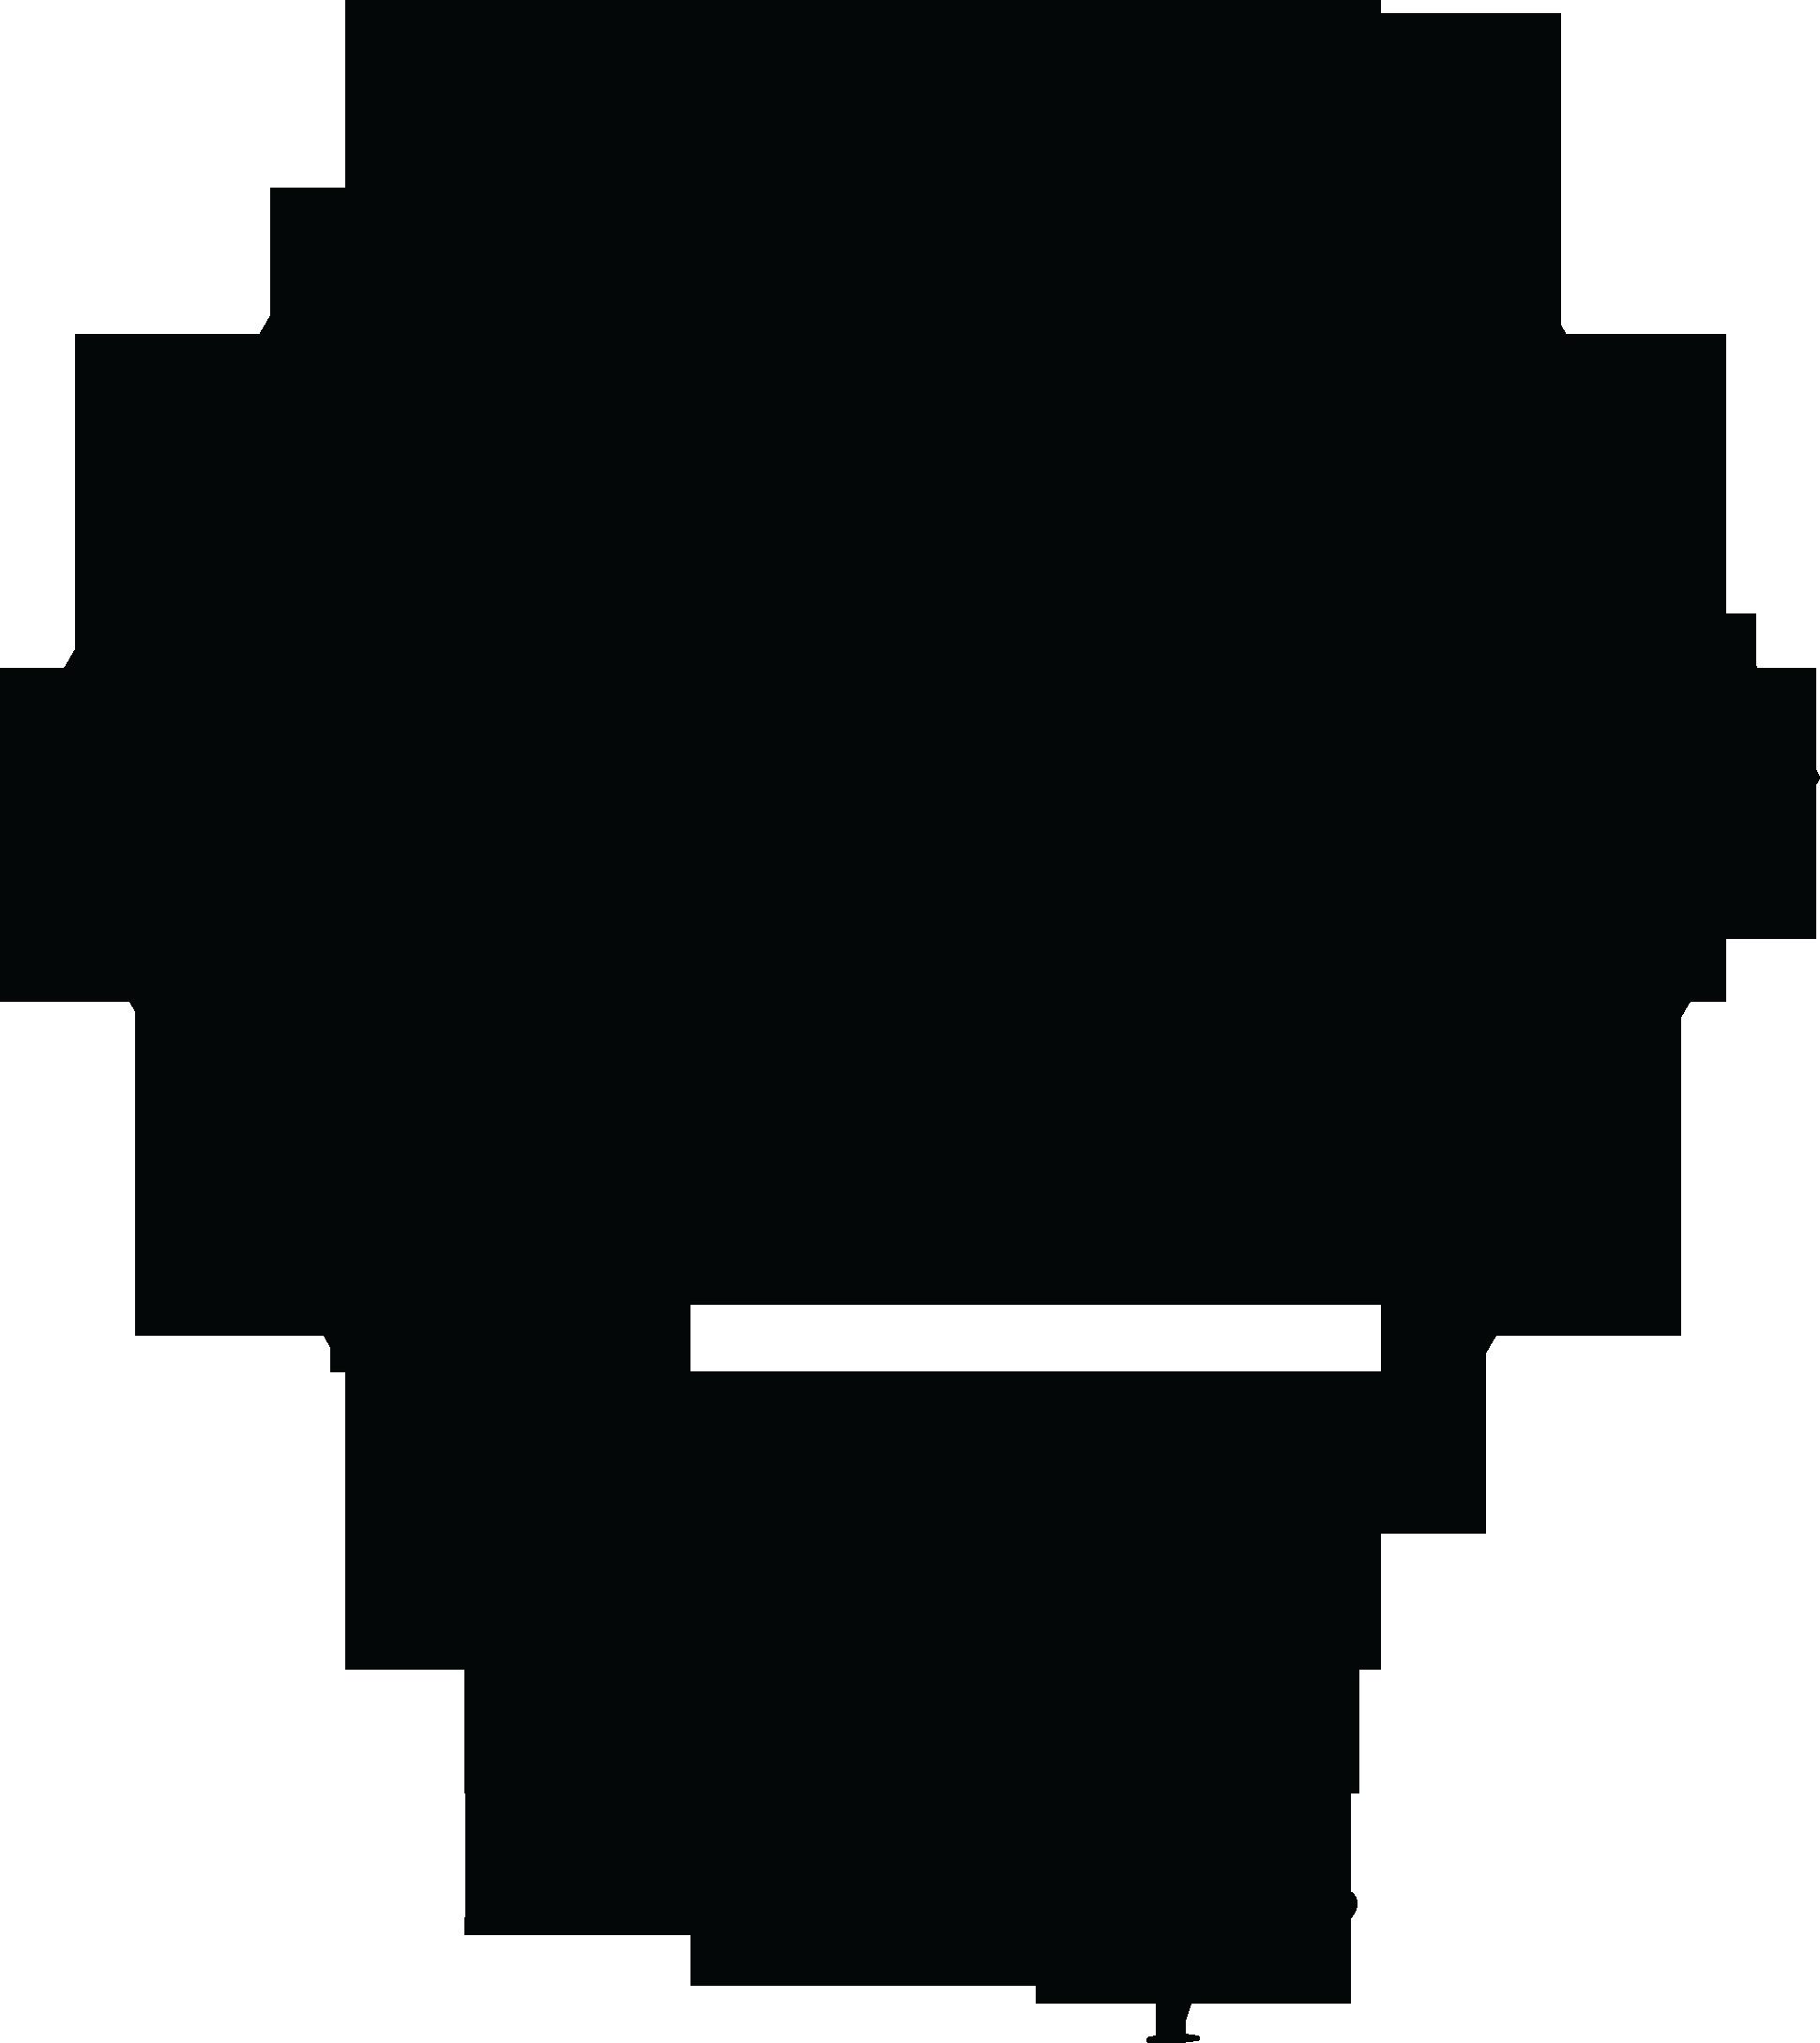 epsilon_escape